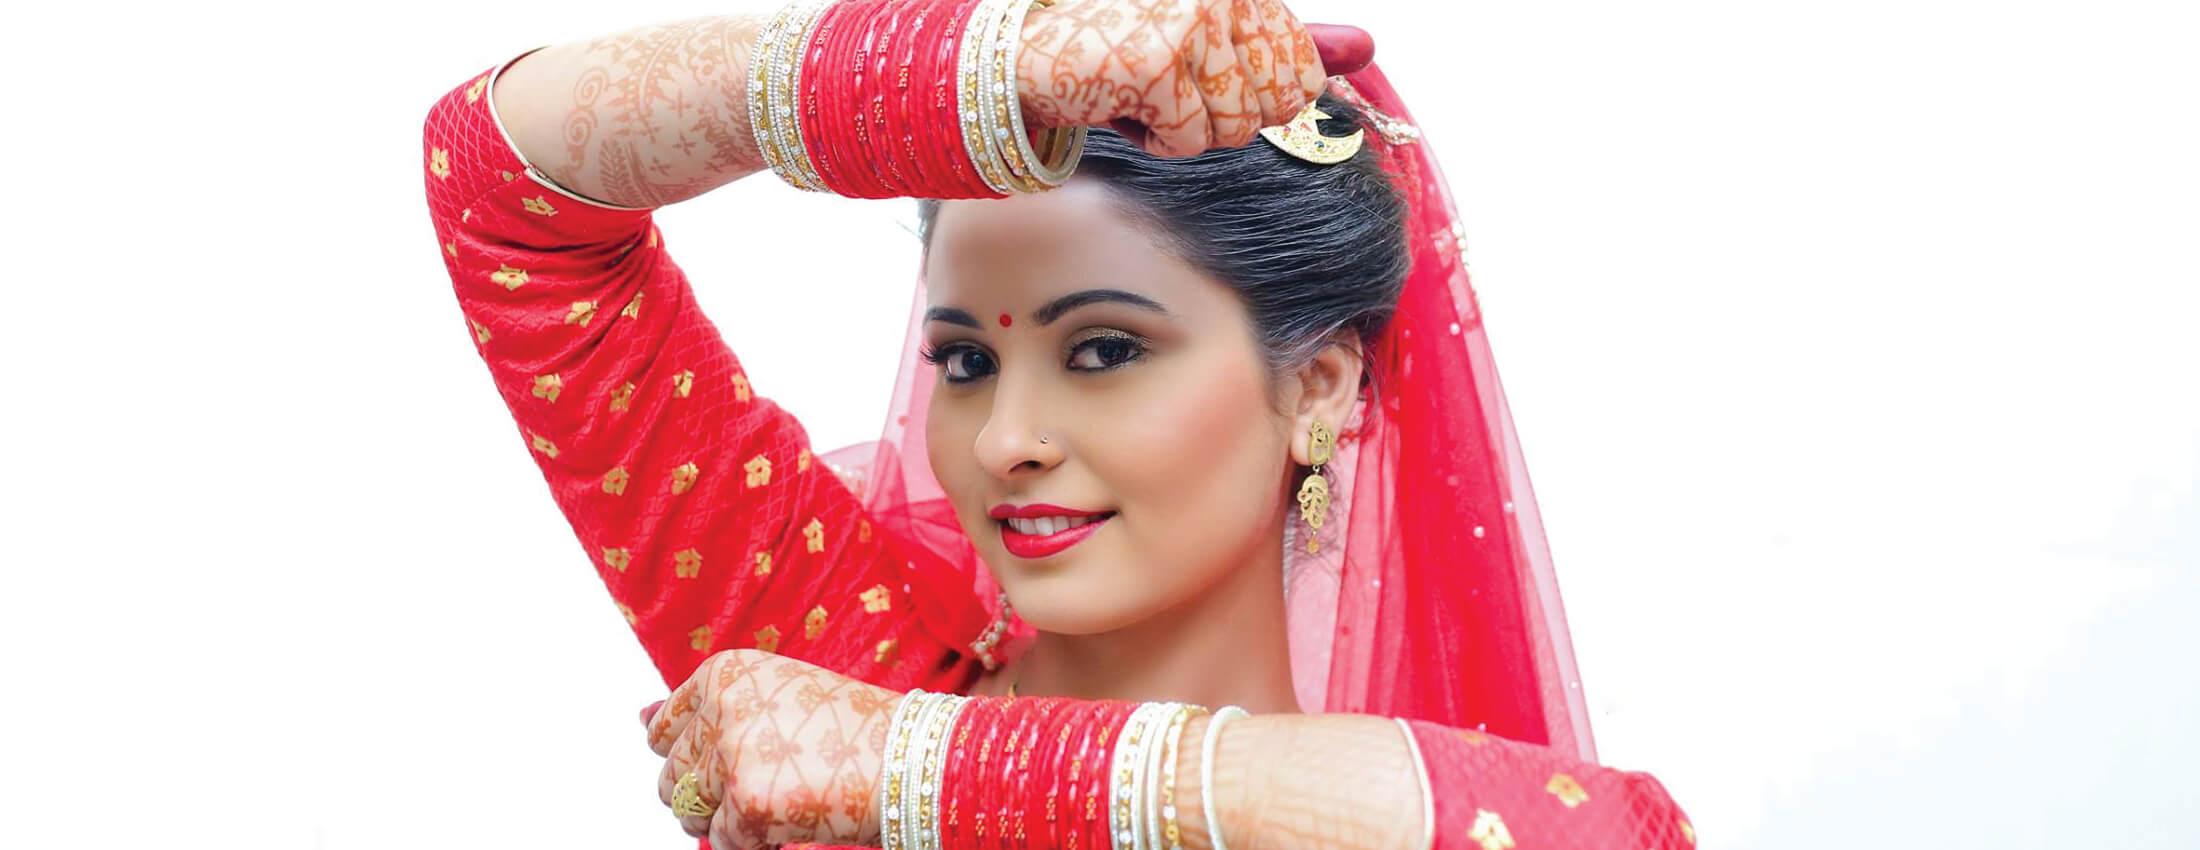 Sirjana Wedding - Imgstock, Biratnagar